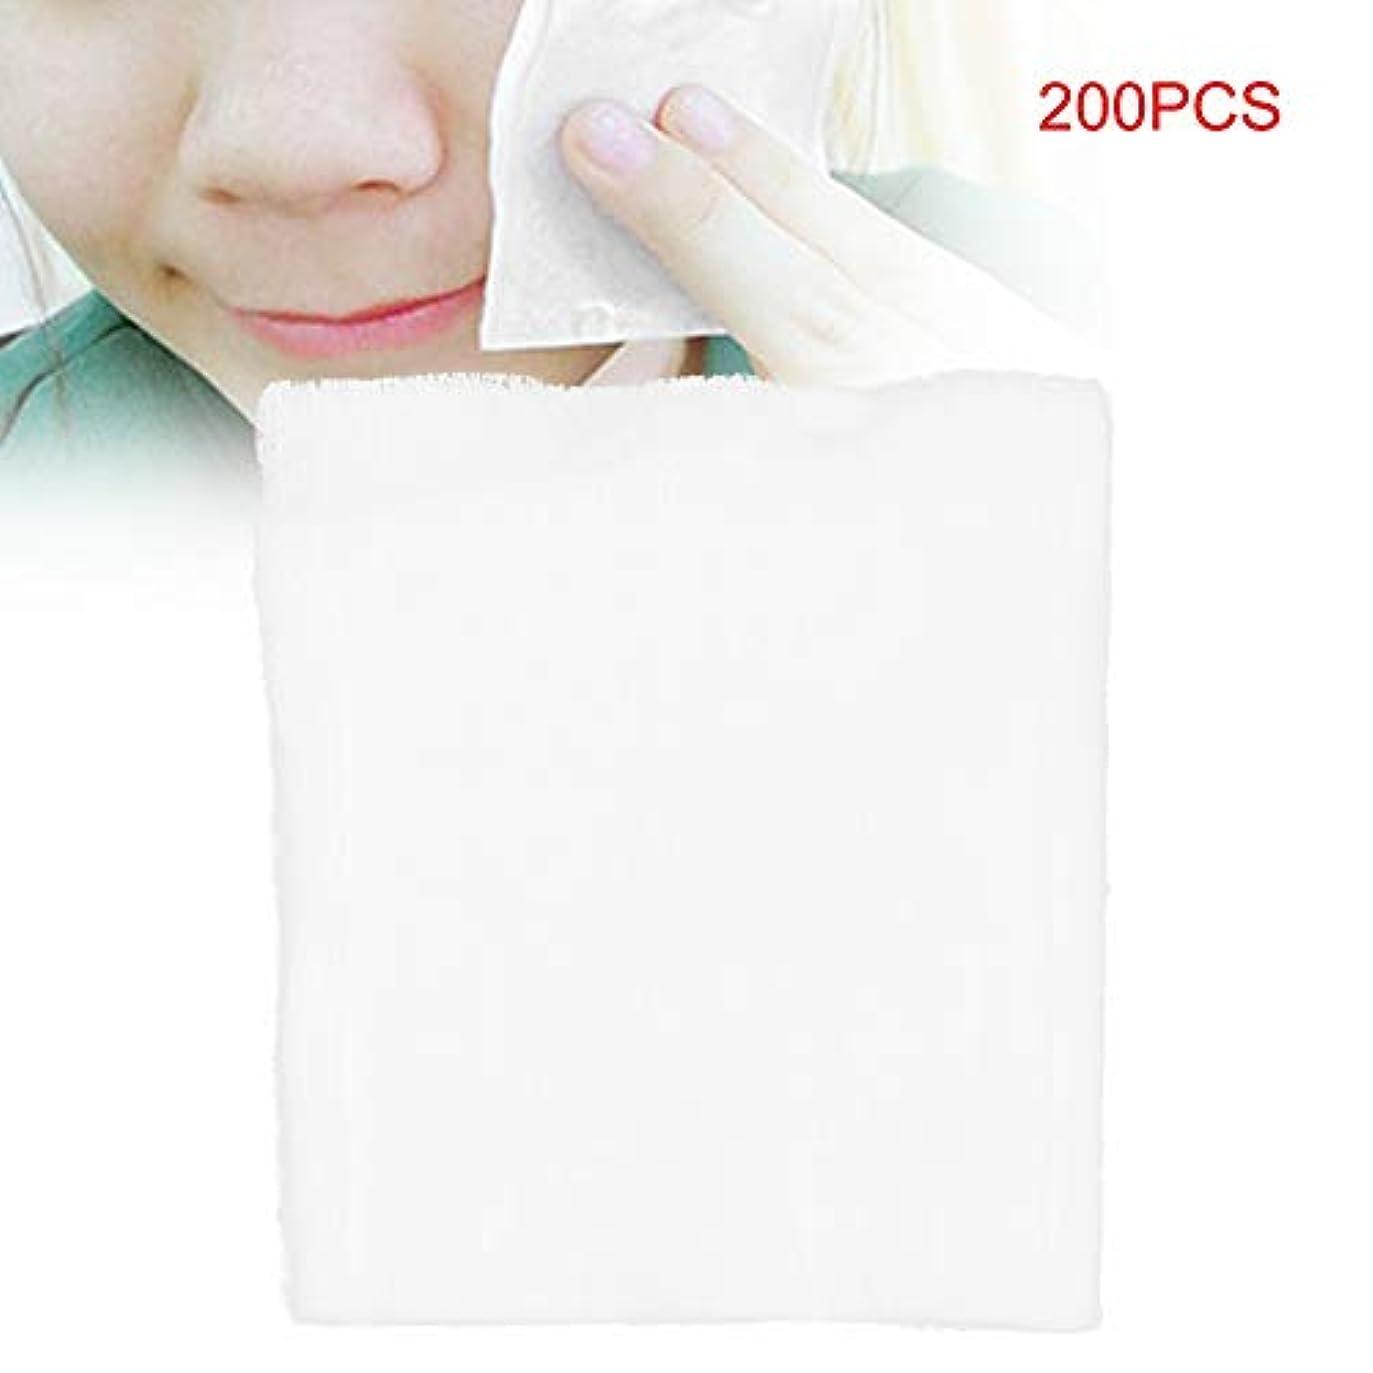 スプーンスパン漏斗化粧 タオル フェイスクレンジングパッド 化粧品 除去ツール 200個